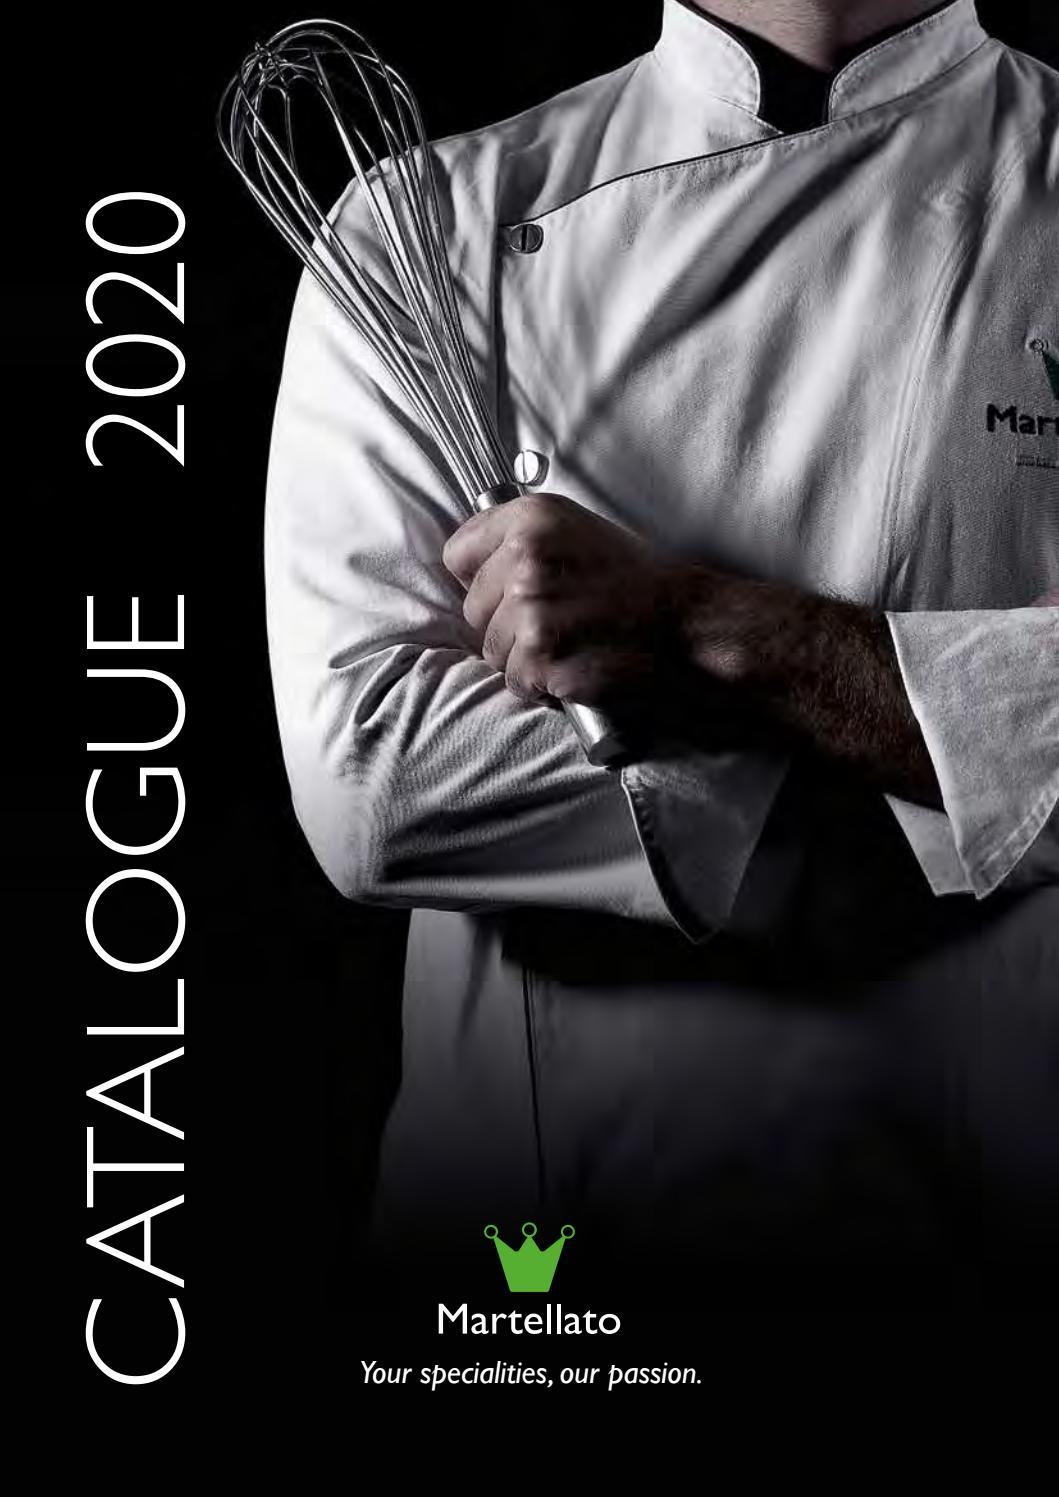 Arredamento Tre Stelle Catalogo.Martellato 2020 General Catalogue By Martellato Issuu